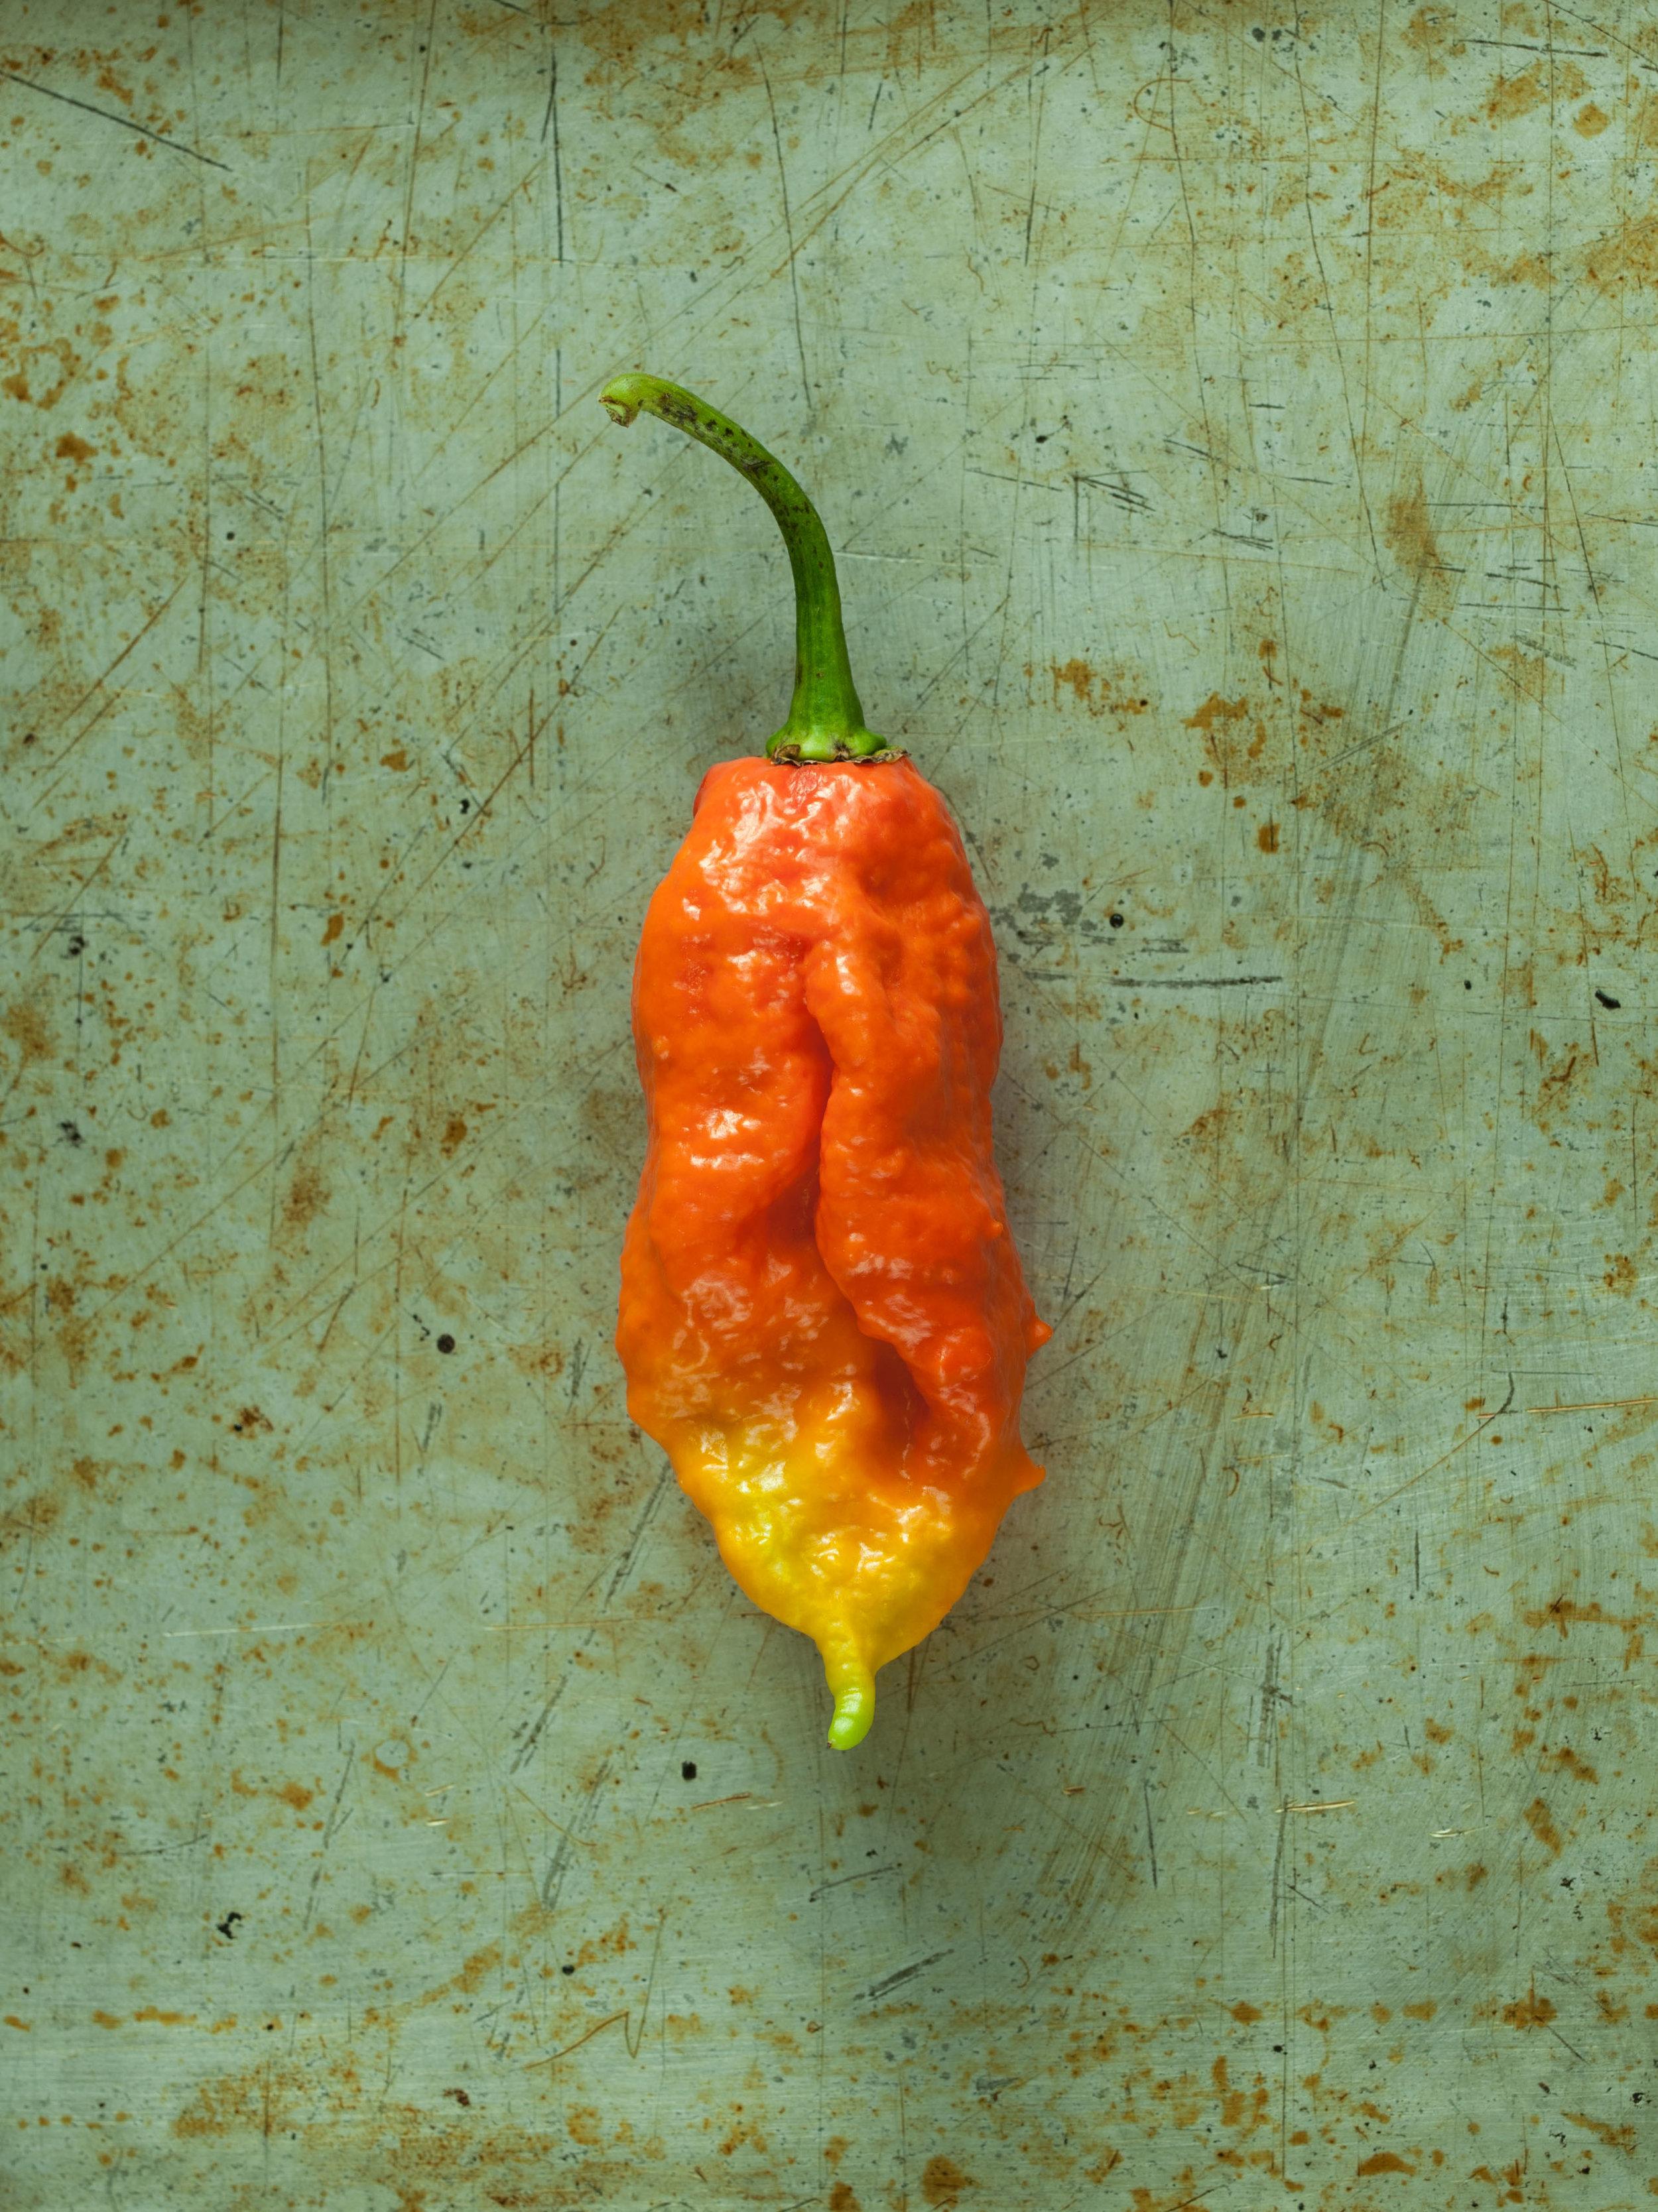 peppers_2016-10-02_00025_1.jpg